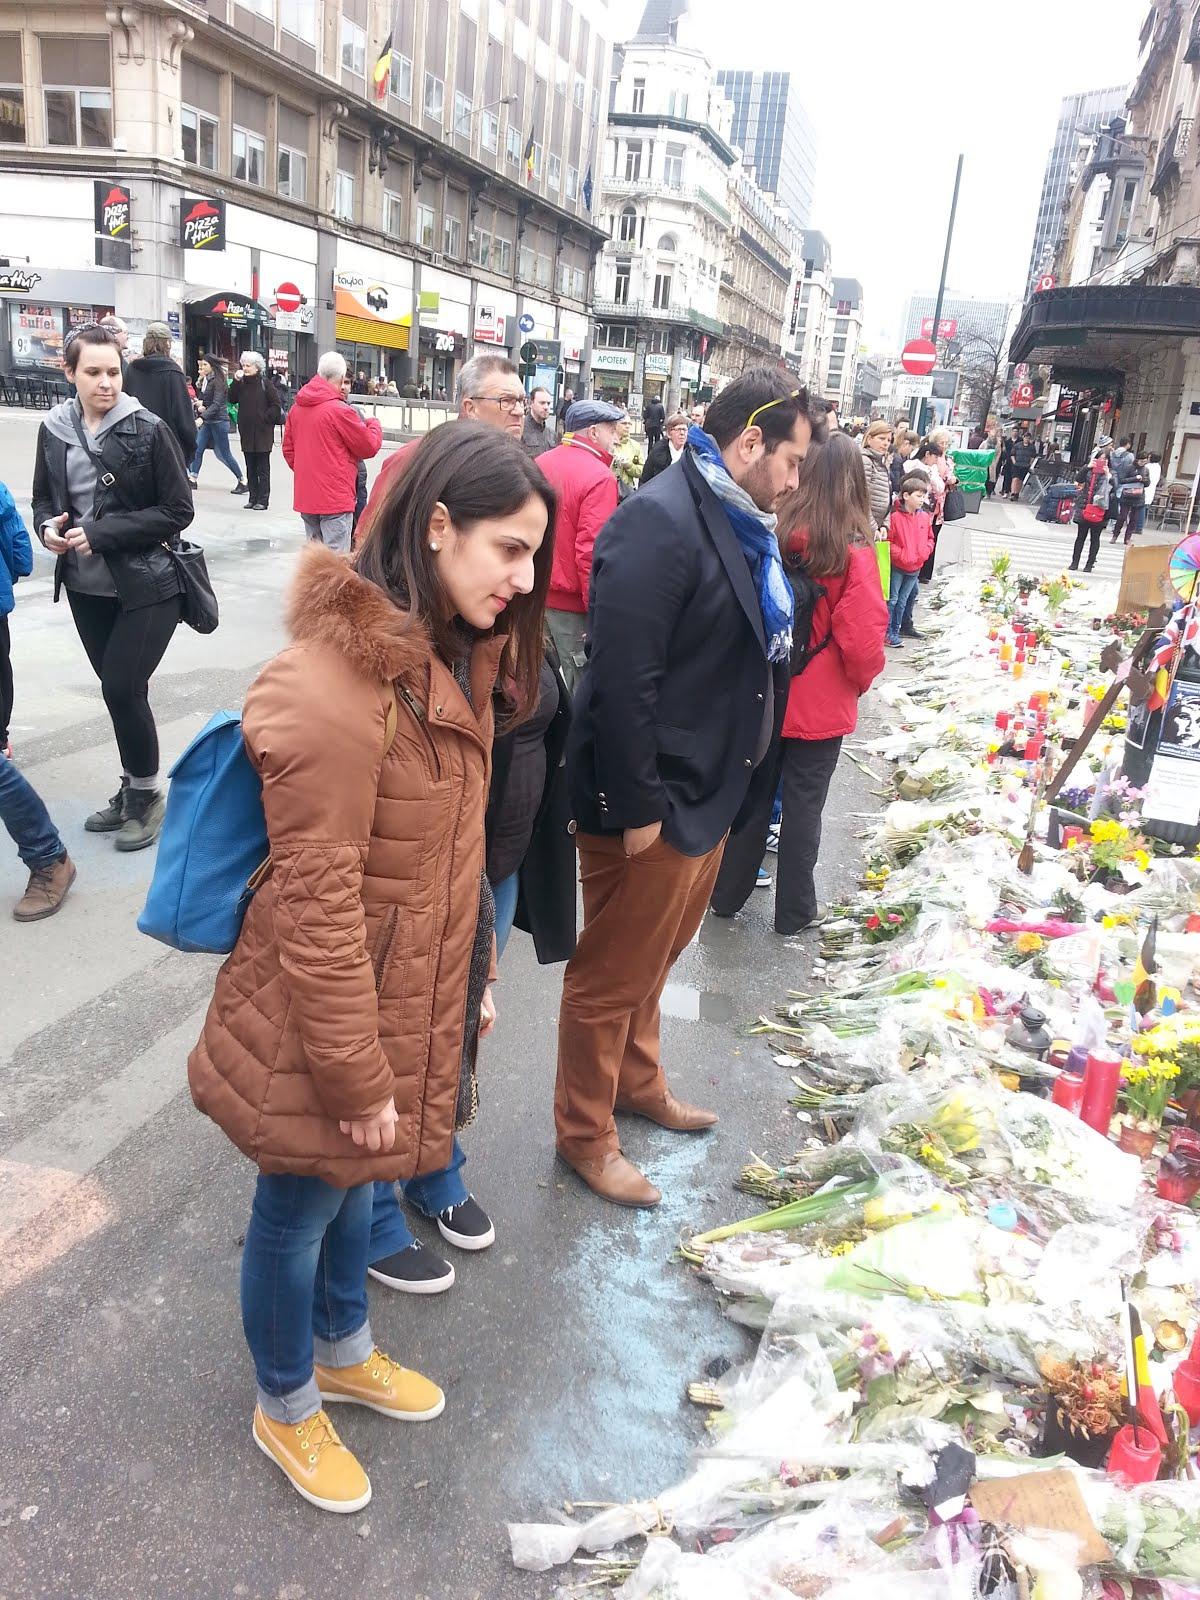 οι νεοι του ποταμιου αποτιουμε φορο τιμης στα θυματα της τρομοκρατιας